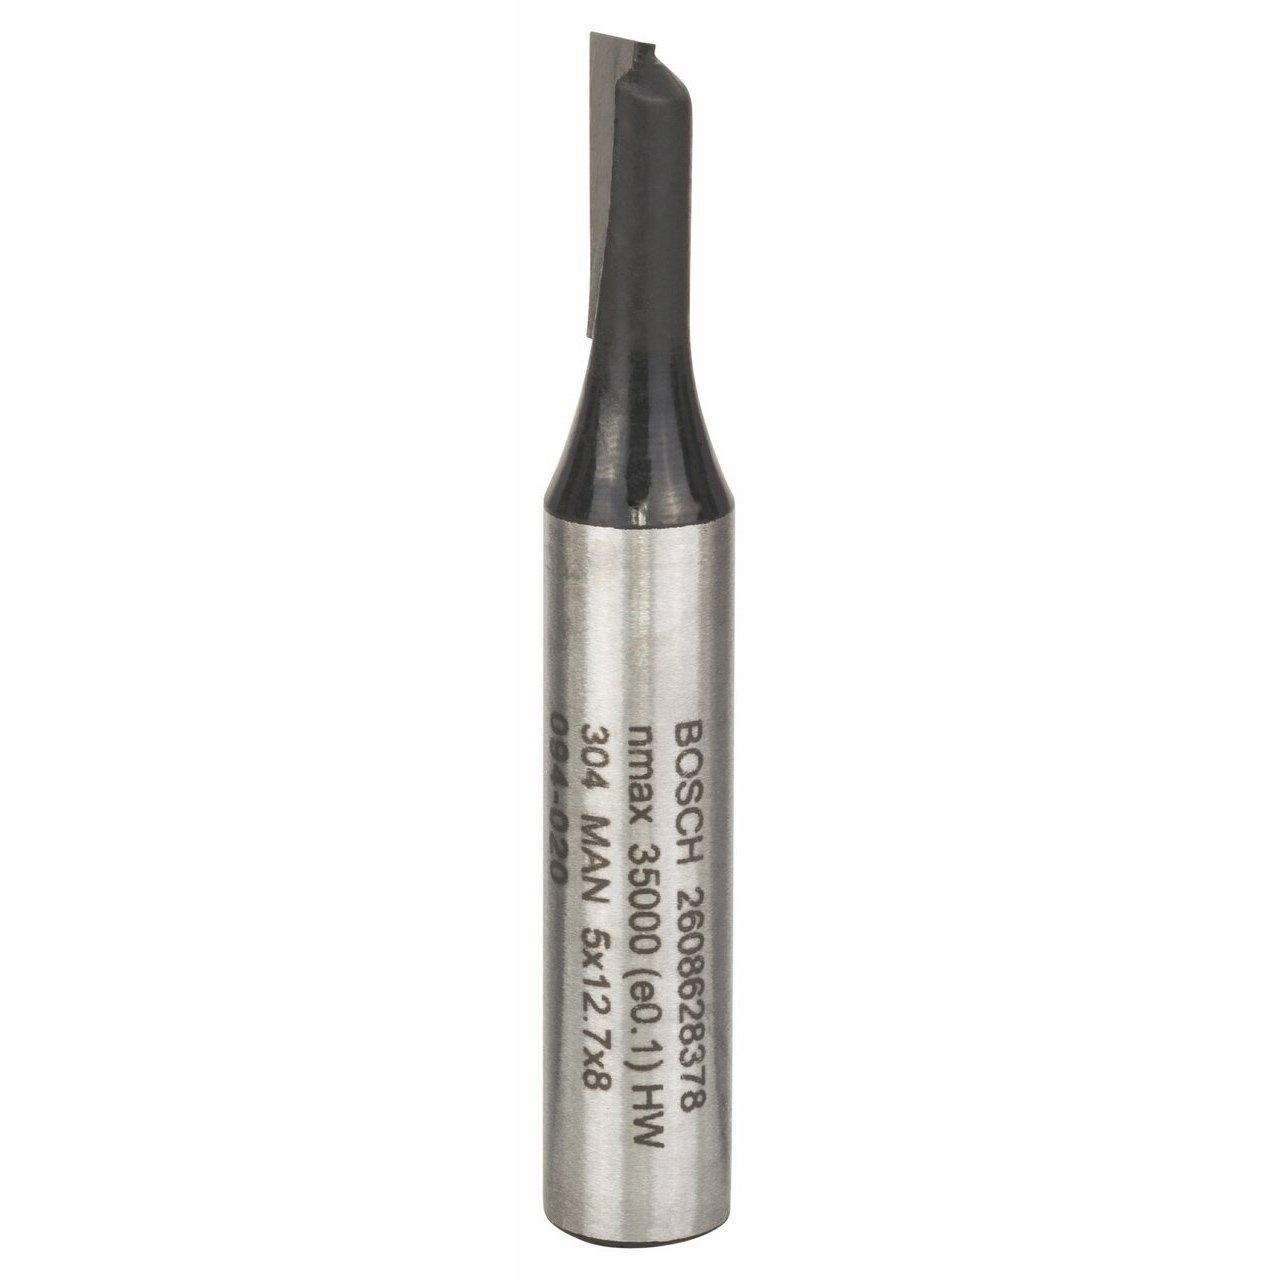 Bosch 2 608 628 378 - Fresas de ranurar - 8 mm, D1 5 mm, L 12,7 mm, G 51 mm (pack de 1) 2608628378